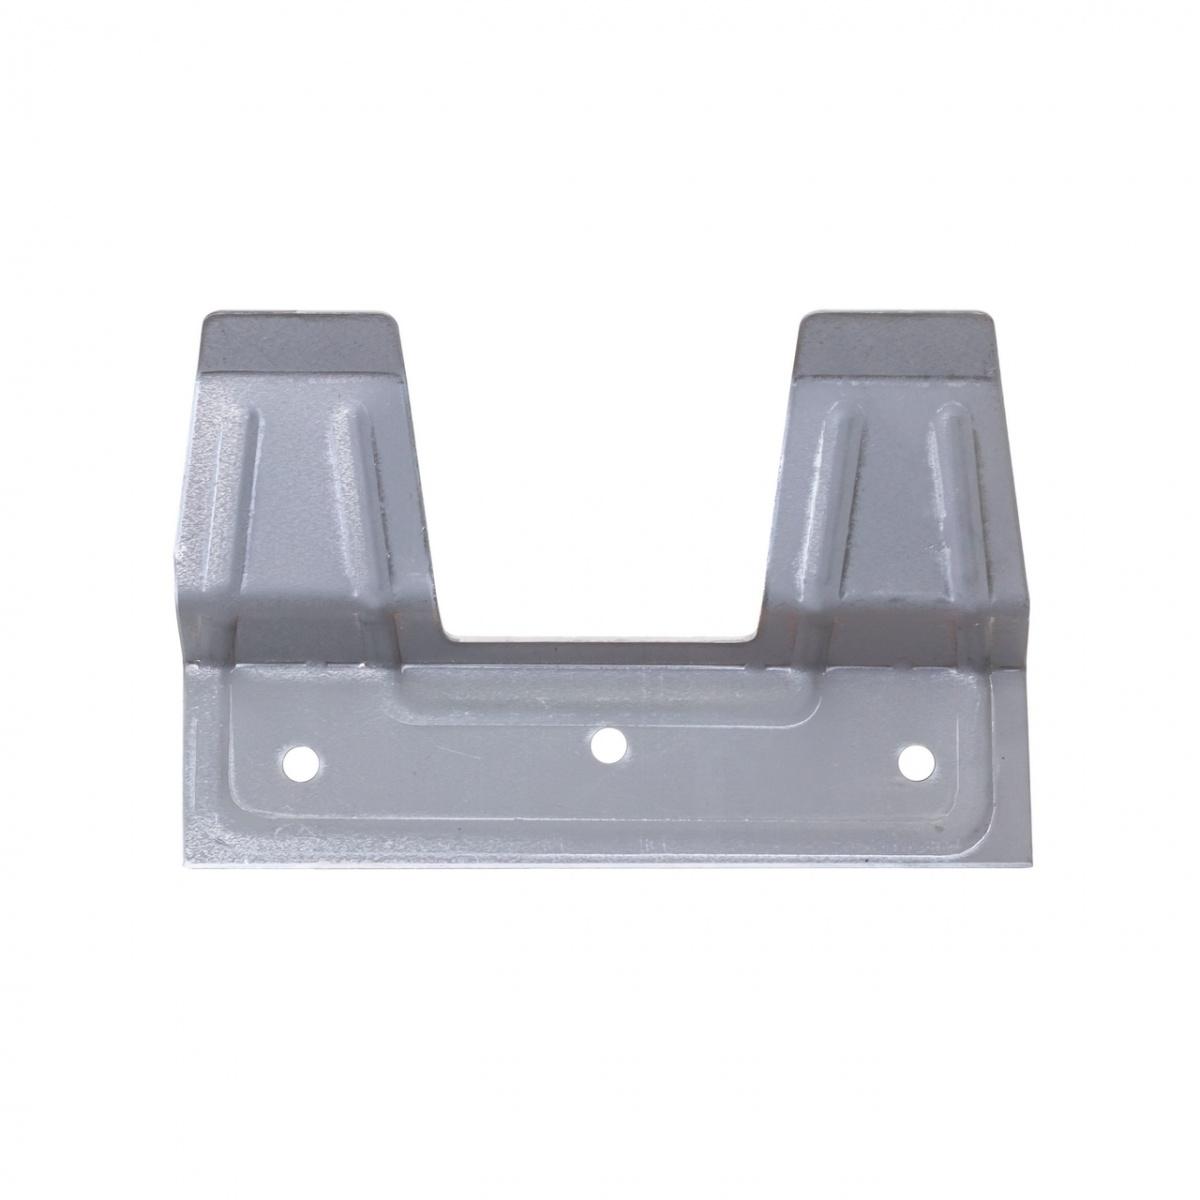 Suport metalic pentru găleată de alăptare